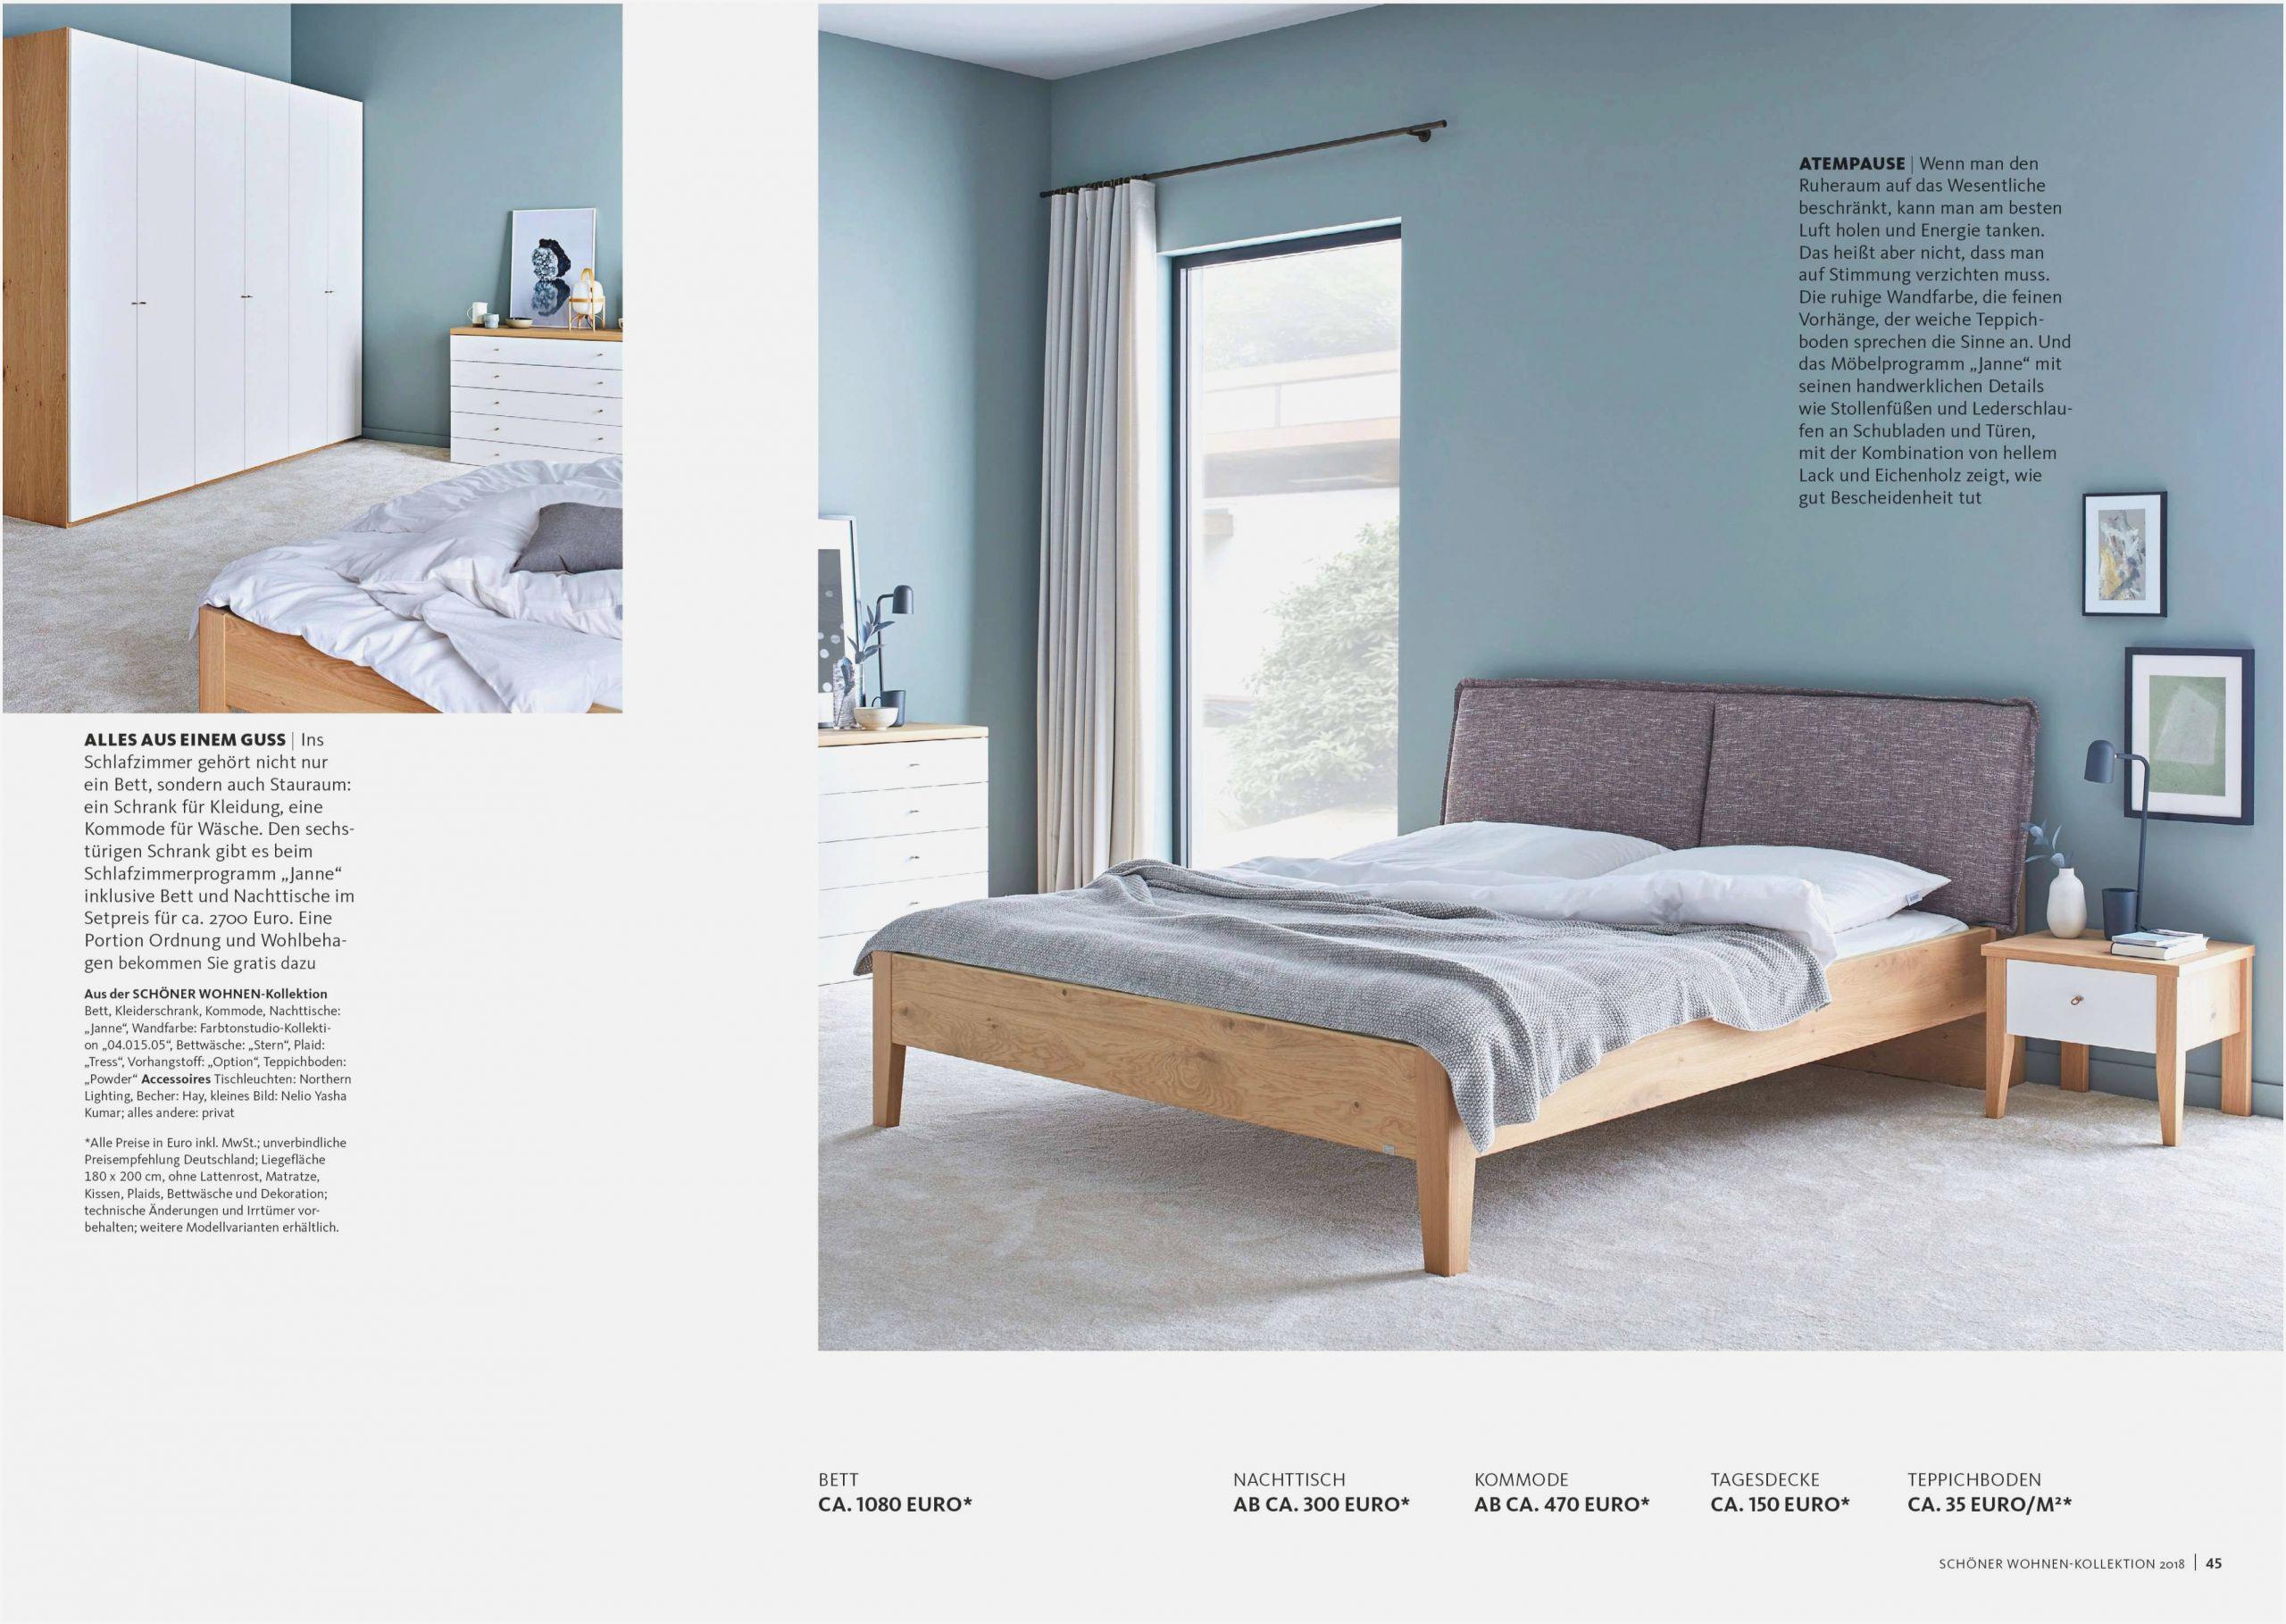 Full Size of Ikea Schlafzimmer Schranksystem 300 Cm Breit Rauch Lampe Deckenlampe Komplettangebote Regal Komplettes Stuhl Für Romantische Massivholz Truhe Schranksysteme Schlafzimmer Schranksysteme Schlafzimmer